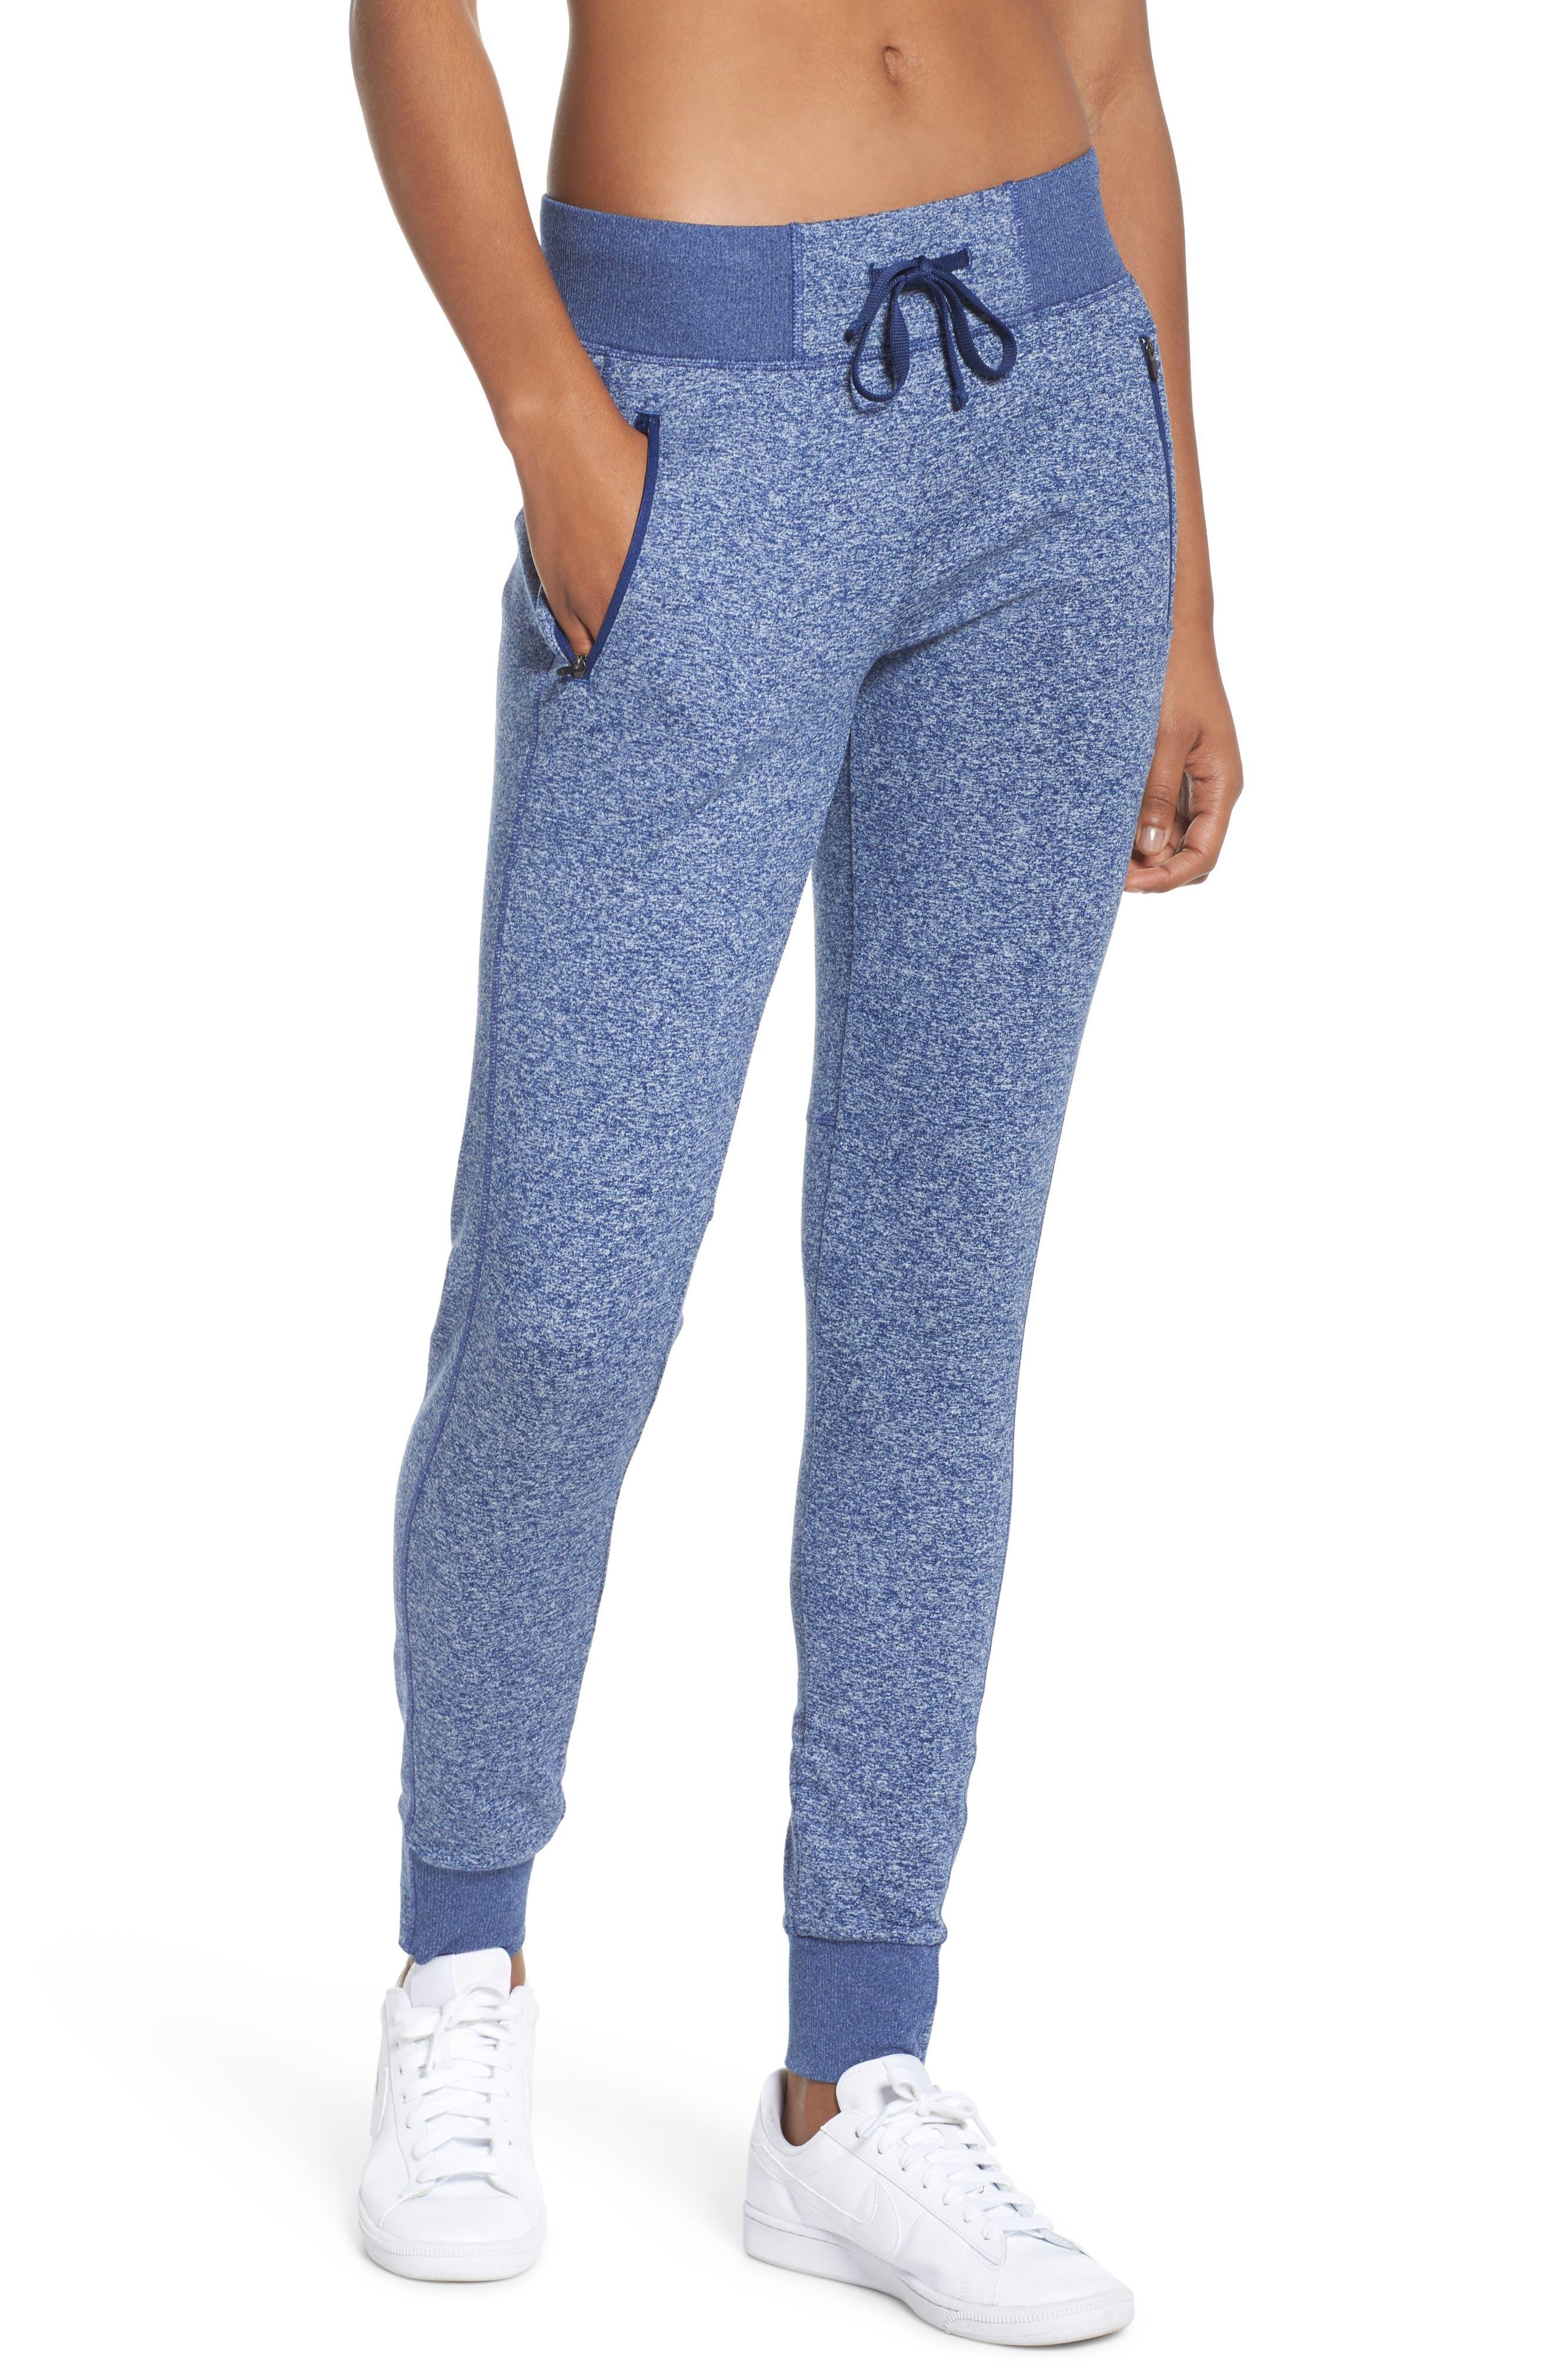 Taryn Sport Knit Pants,                         Main,                         color, Blue Depths Melange